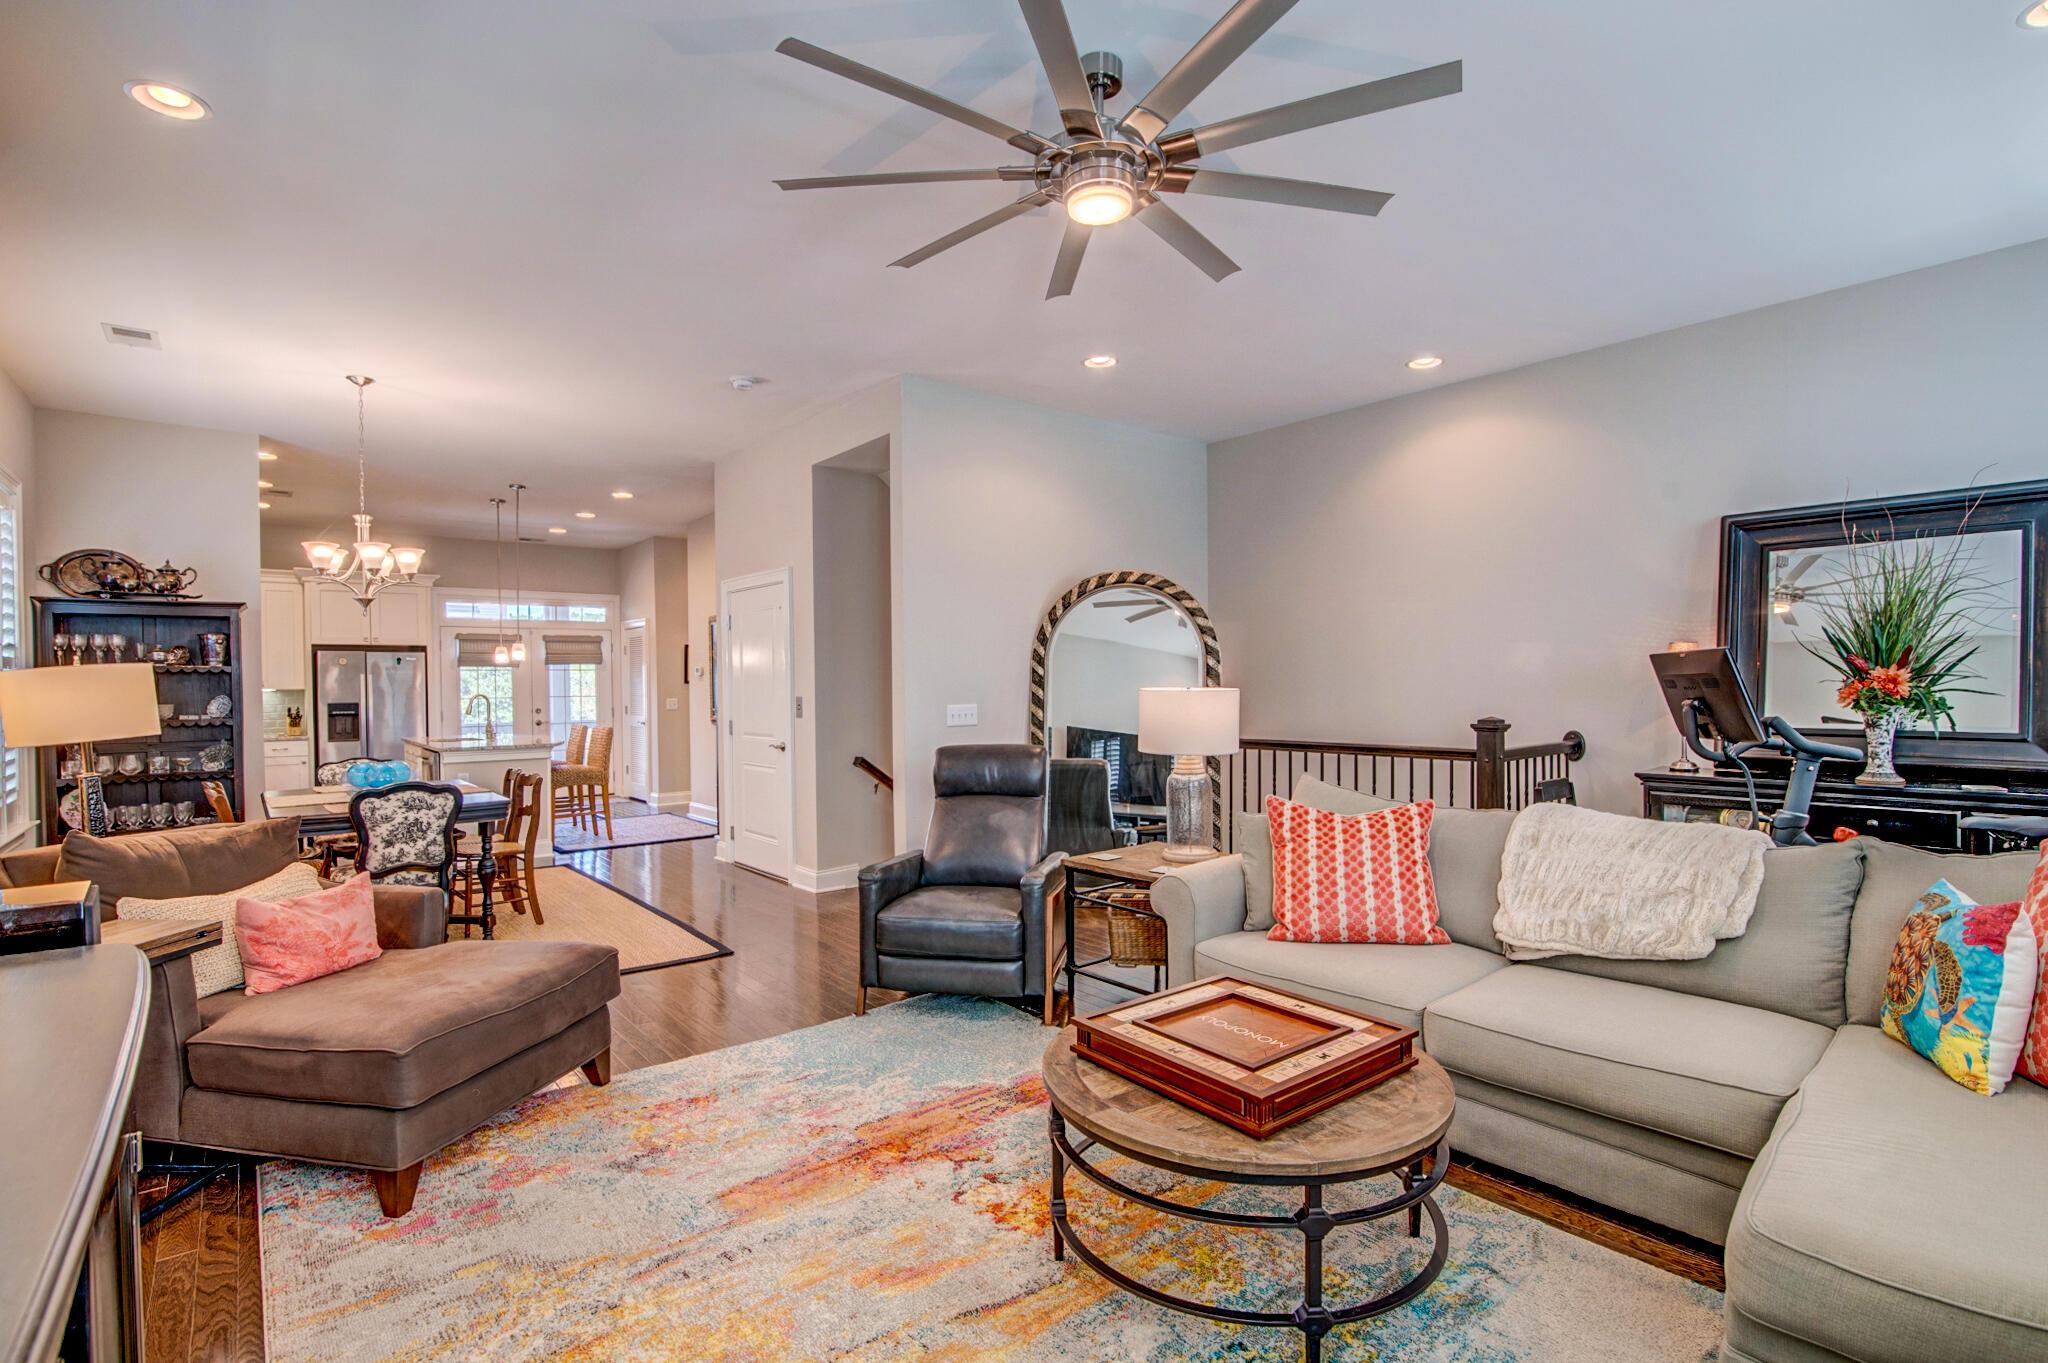 Whitesides Park Homes For Sale - 1102 Alagash Way, Mount Pleasant, SC - 28